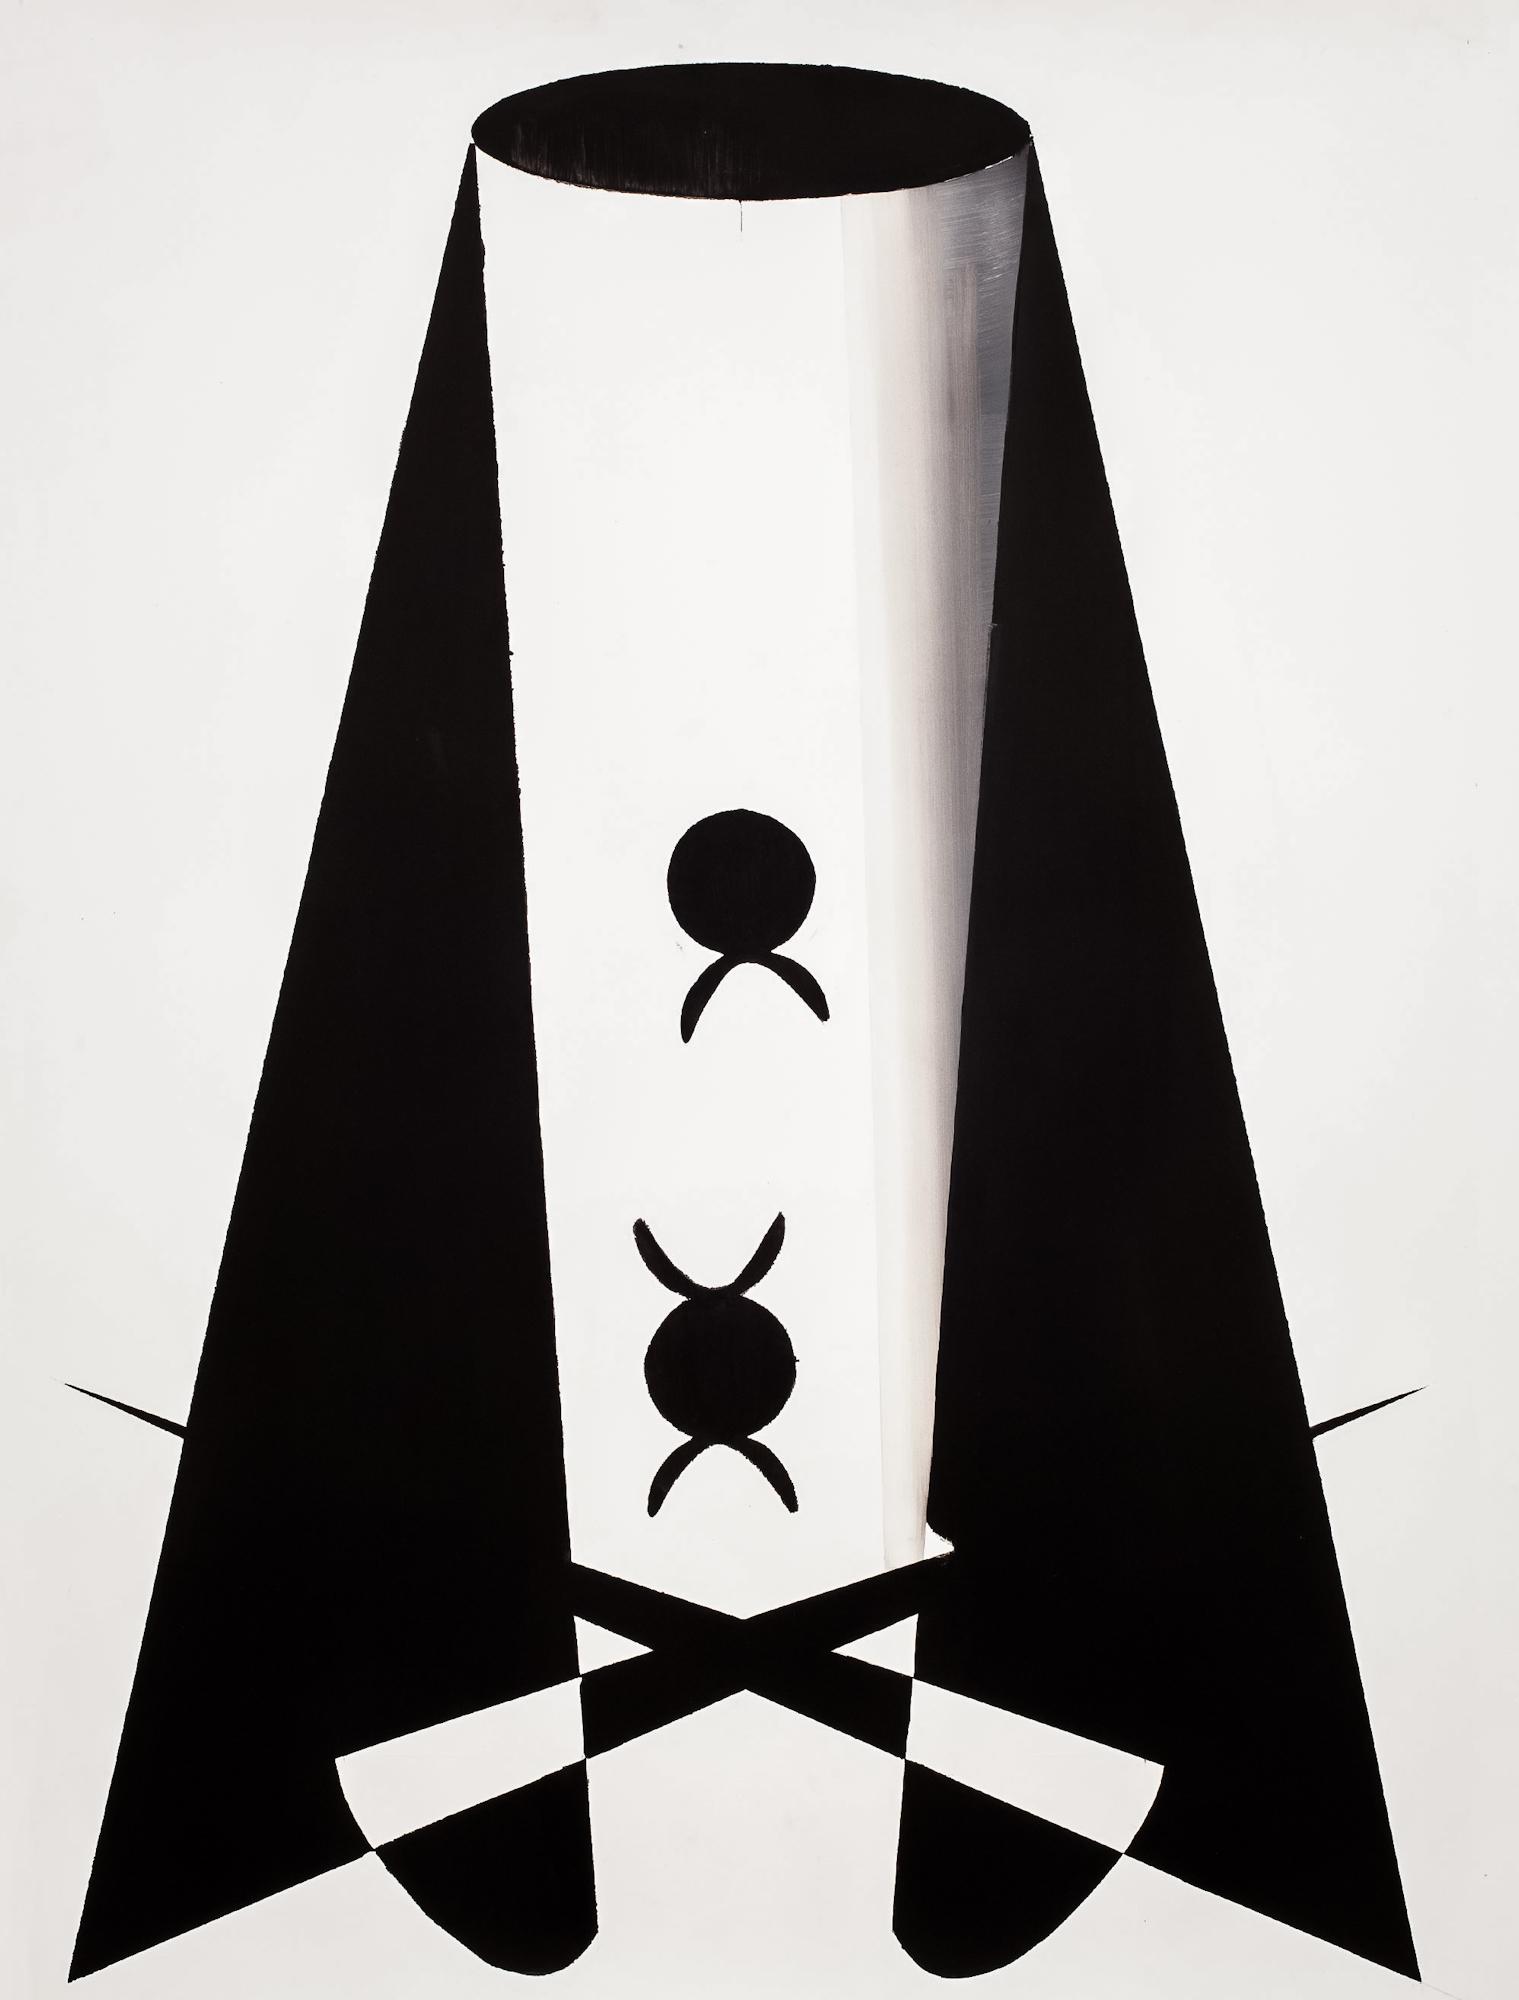 Marcin Jedlikowski, Beztytułu, olej, papier, 109 x 82 cm, 2016